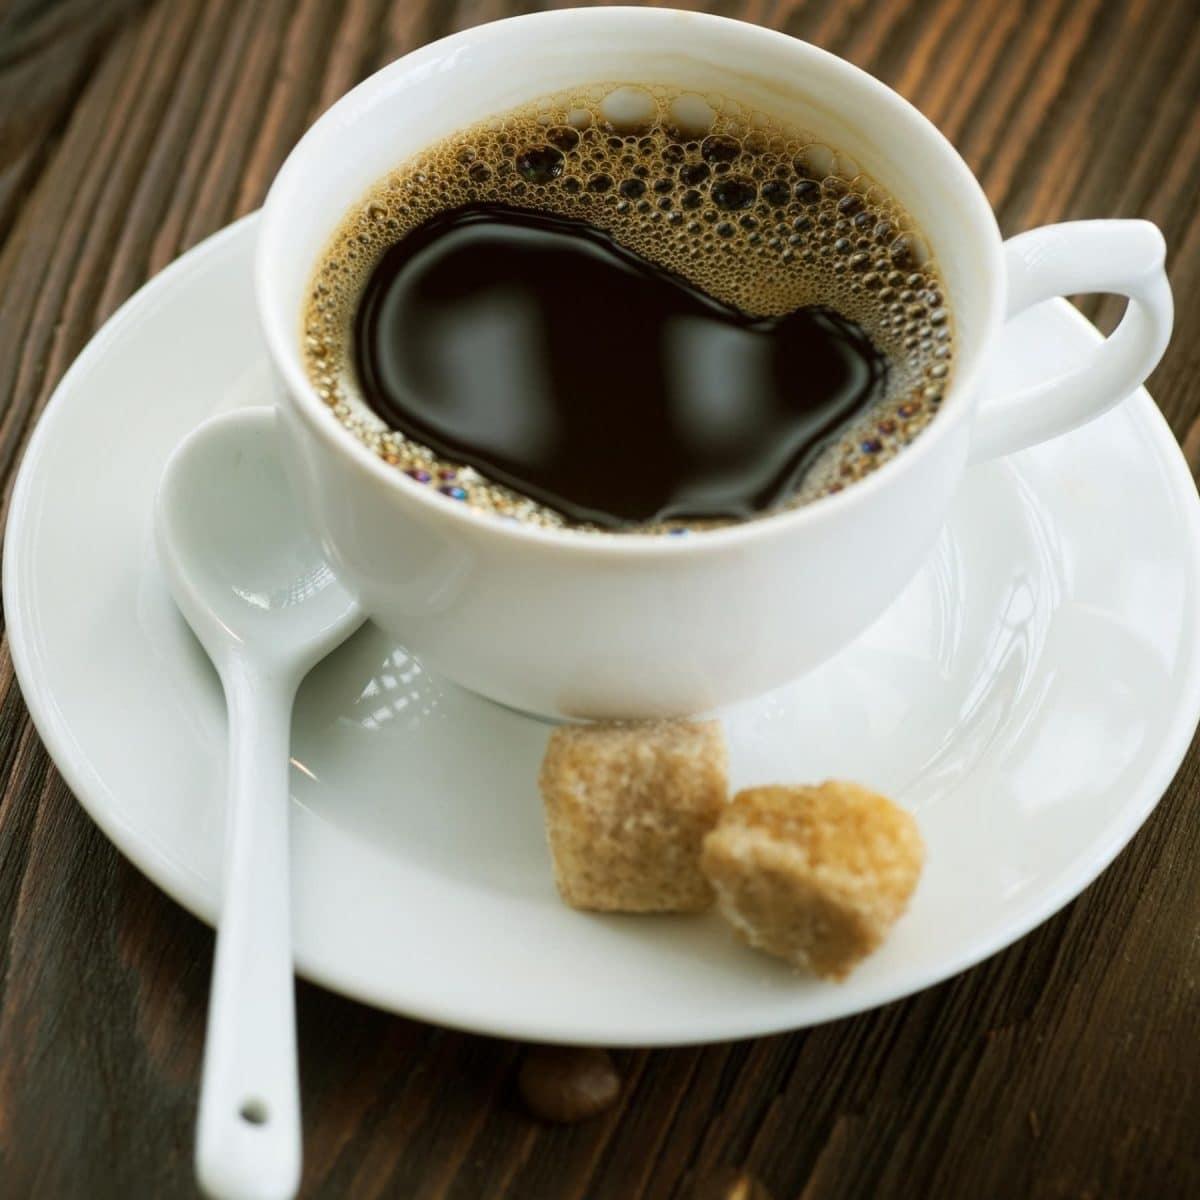 Bons mauvais aliments dents café thé